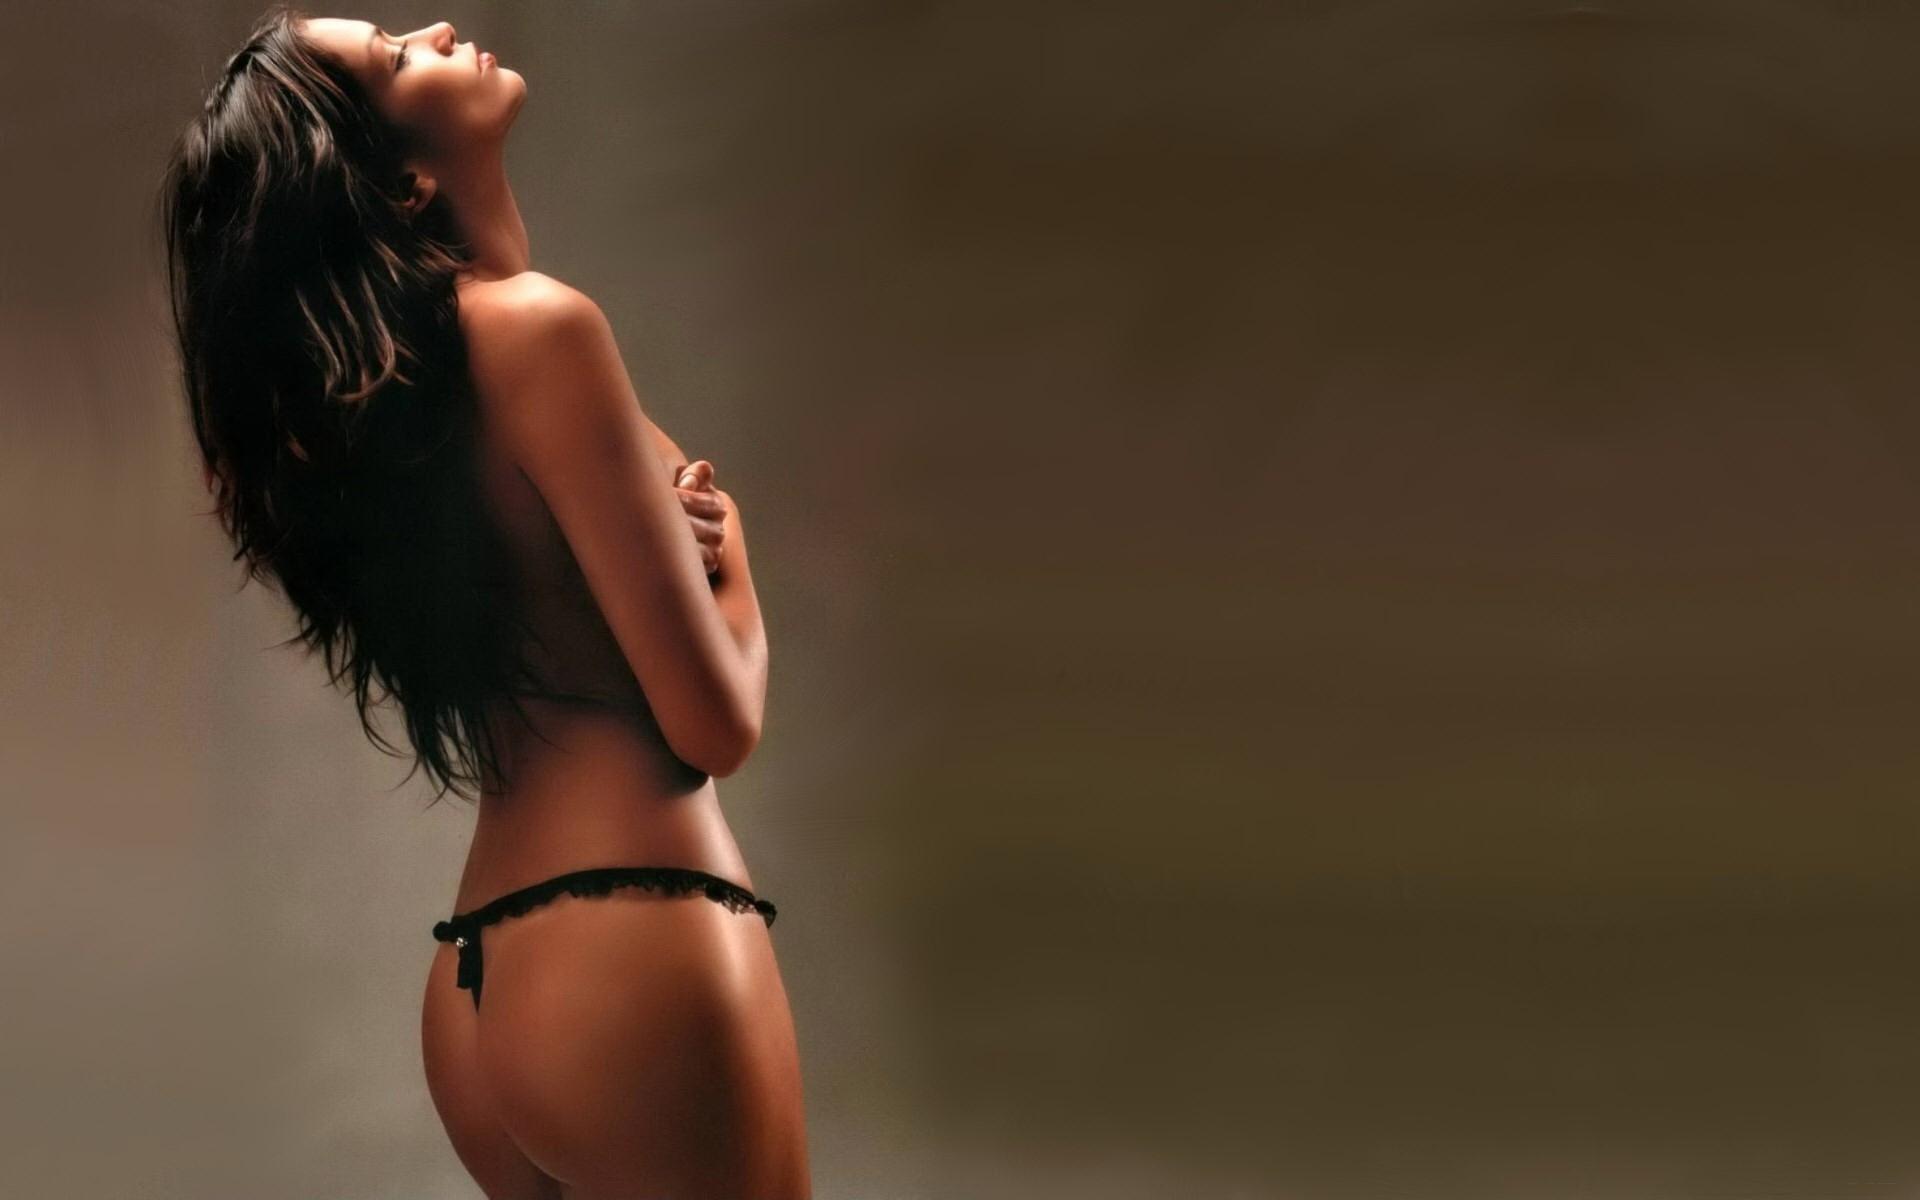 Картинки сексуальных красивых брюнеток со спины #11